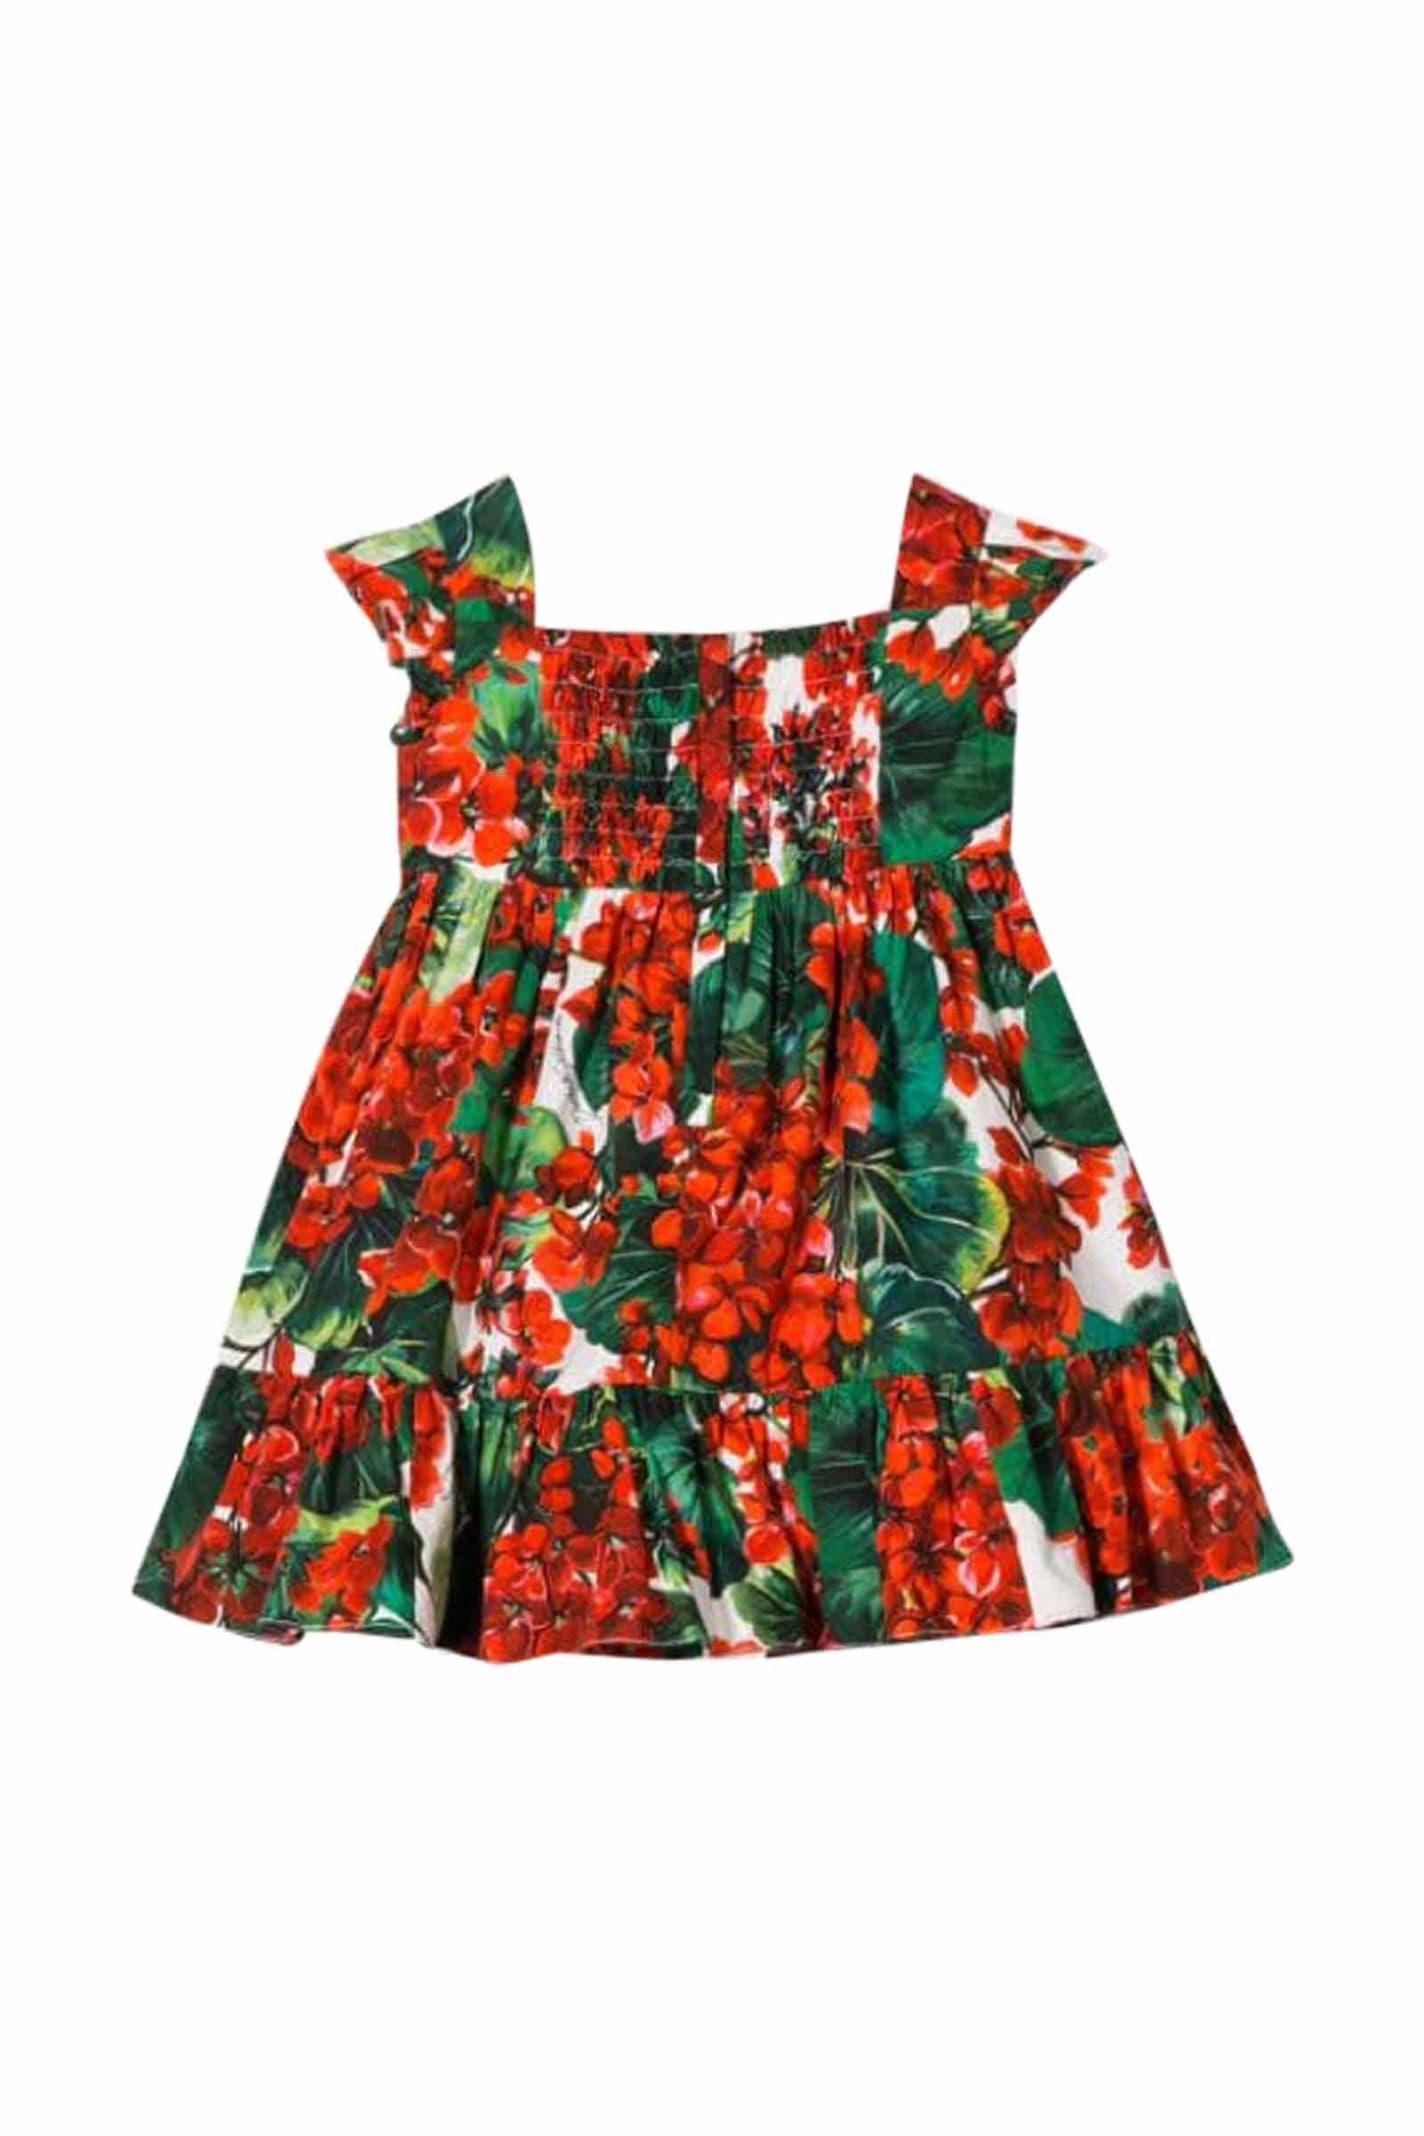 Dolce & Gabbana Portofino Cotton Dress